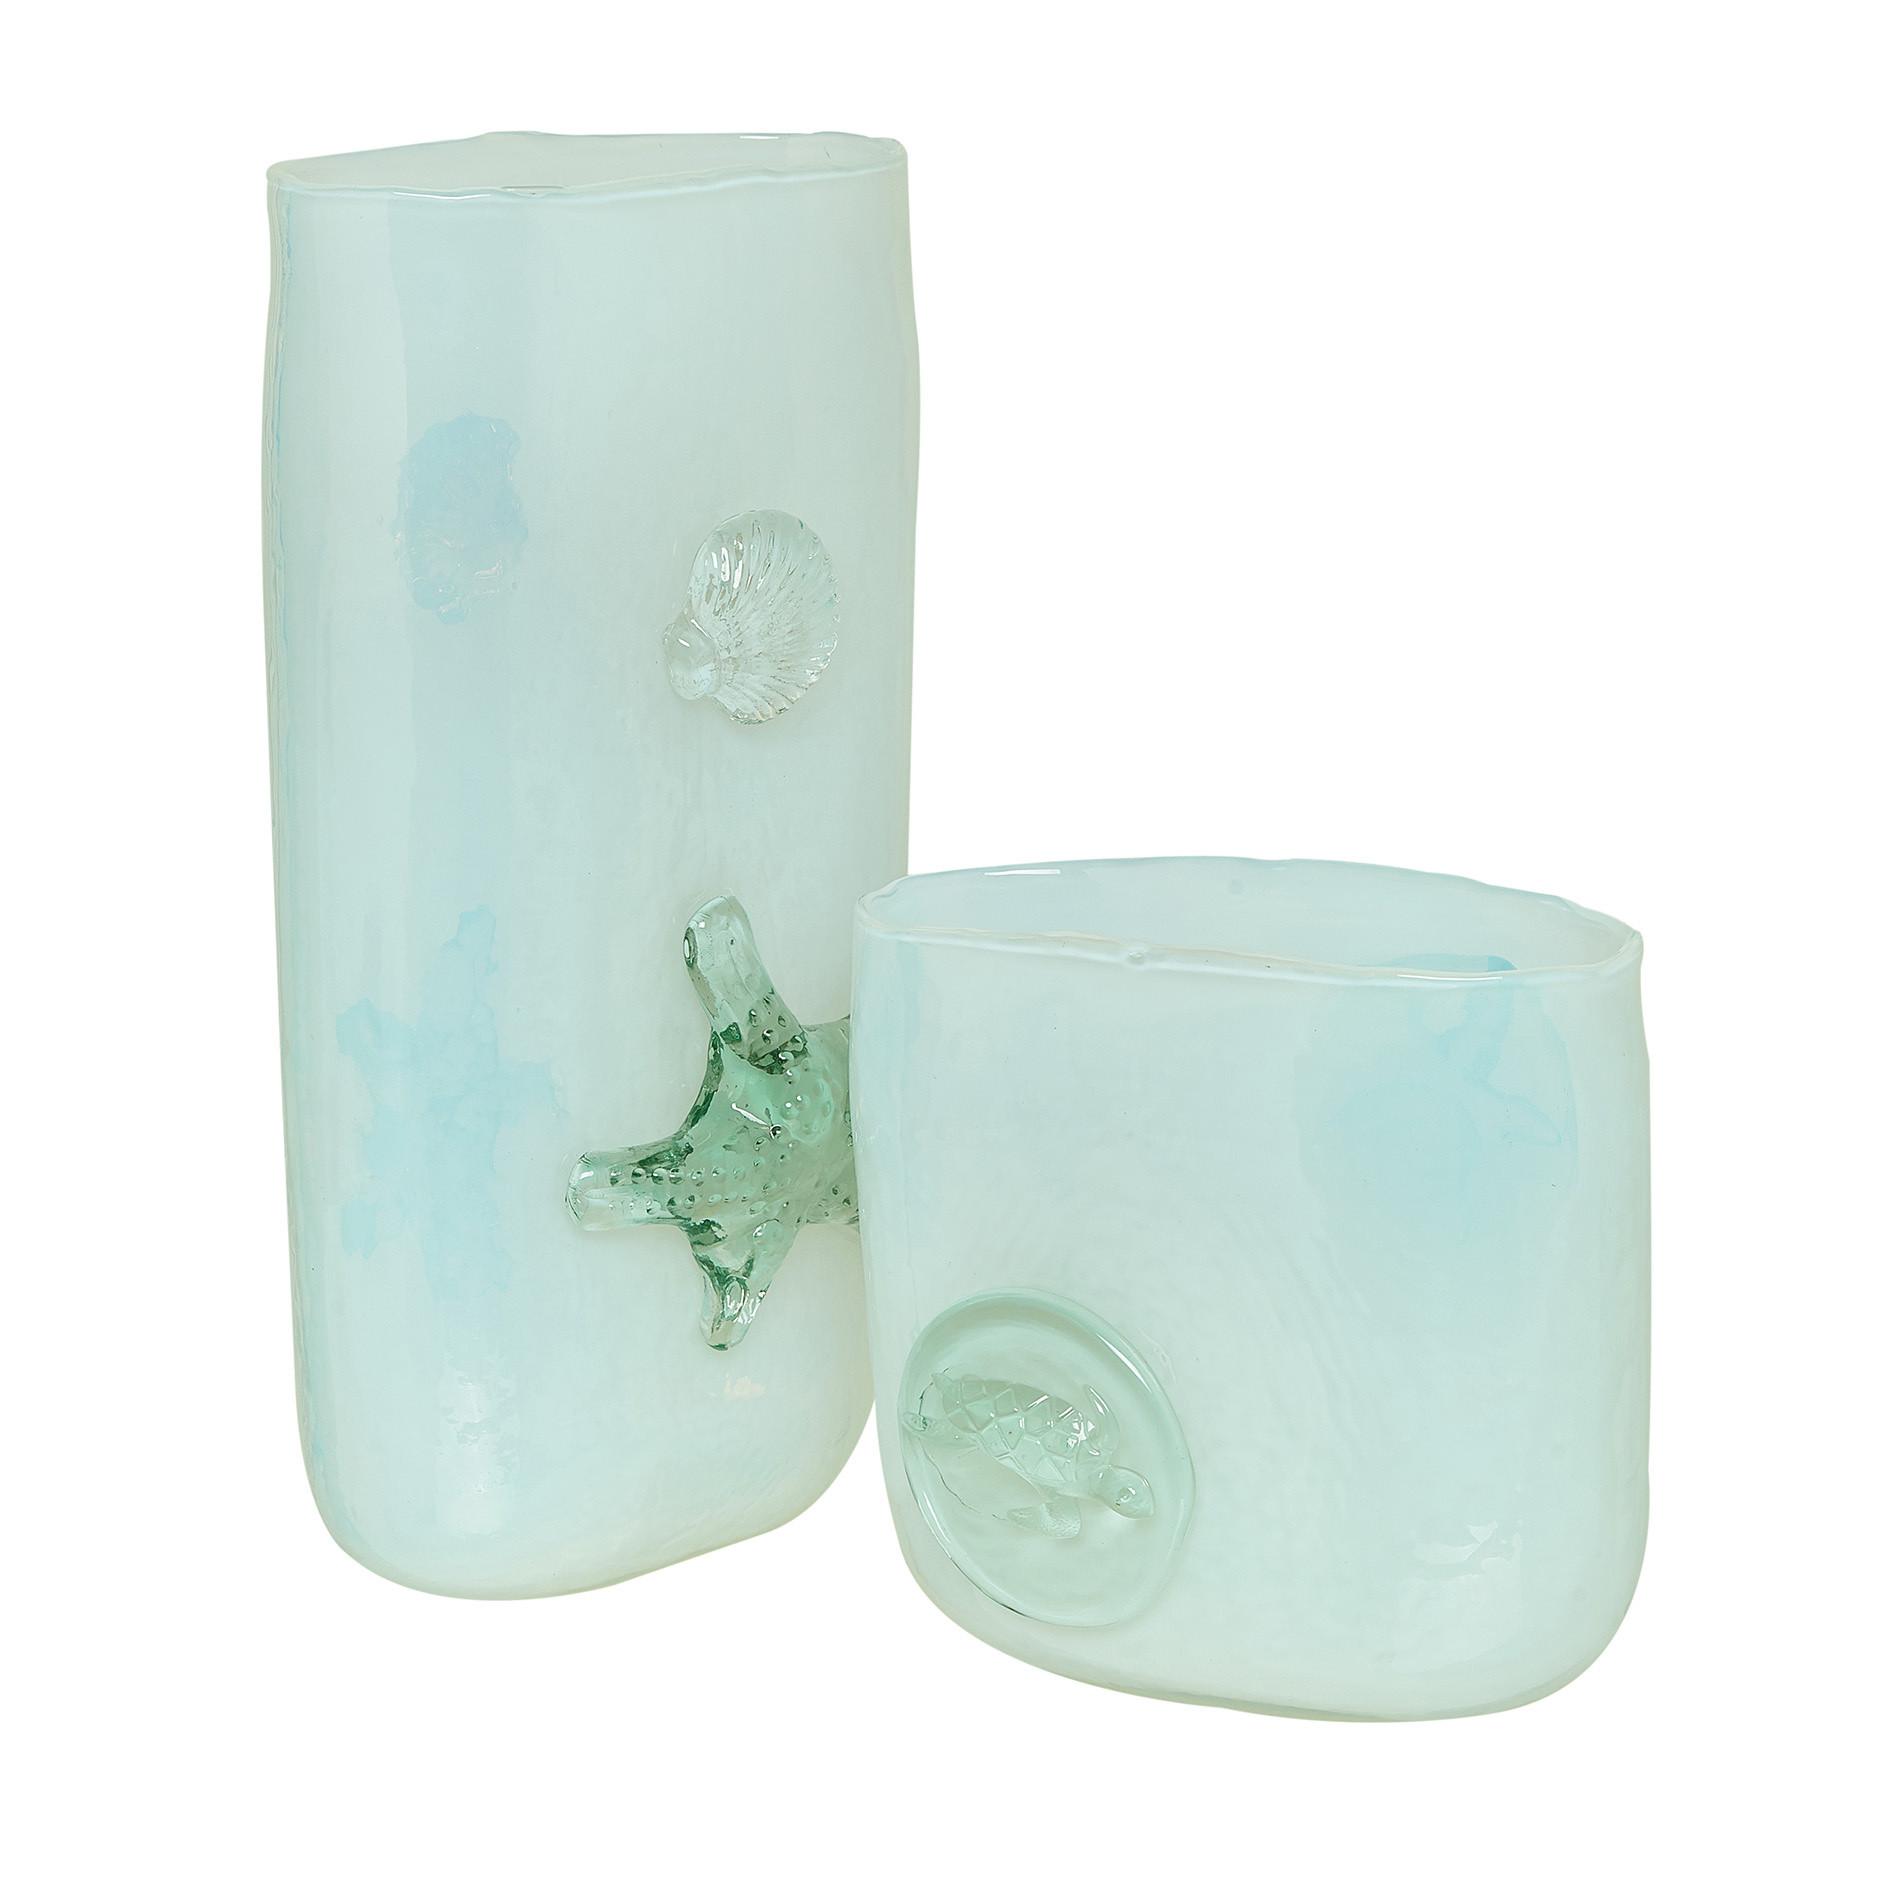 Vaso vetro colorato in pasta decori marini, Trasparente, large image number 1